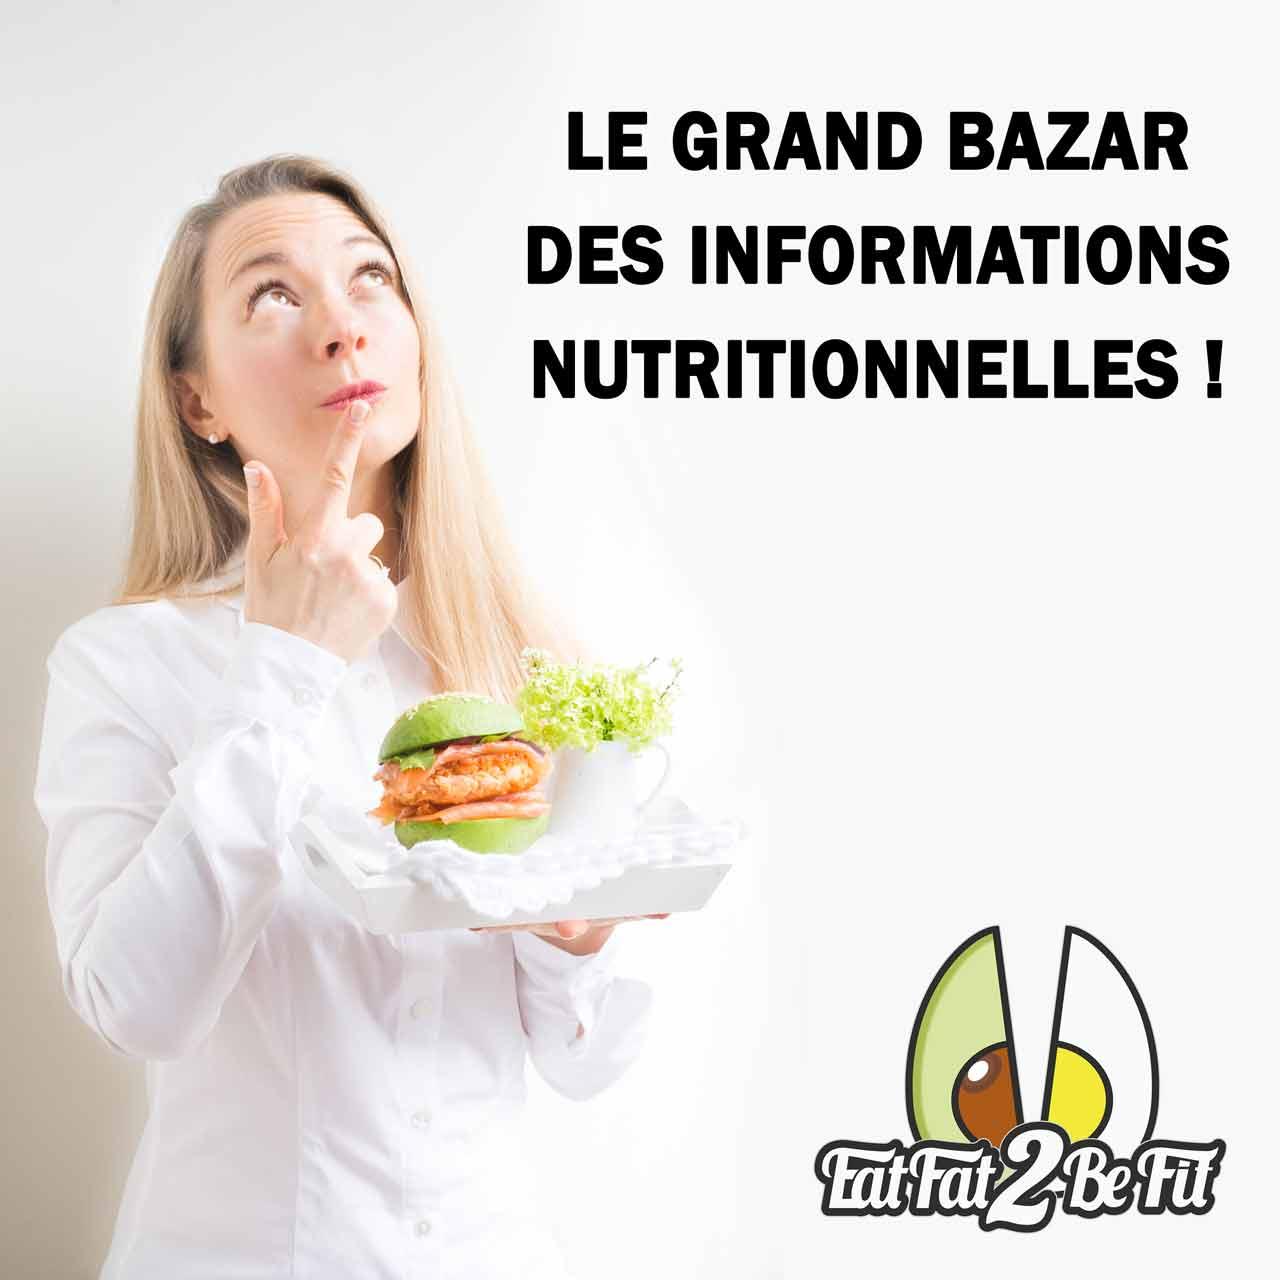 l'information nutritionnelle n'est pas fiable